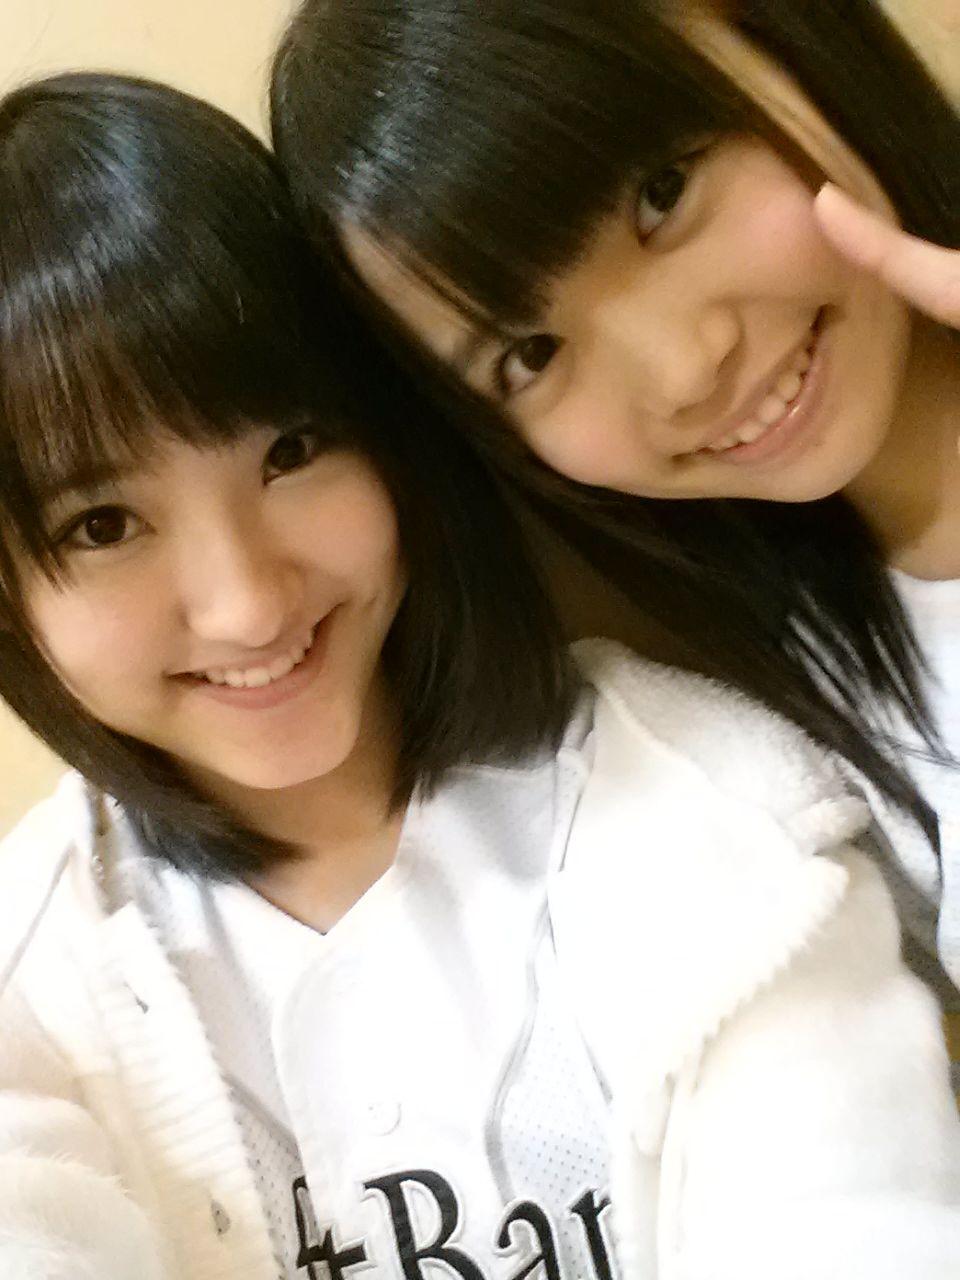 http://livedoor.blogimg.jp/otohaeika/imgs/c/3/c32f92f9.jpg